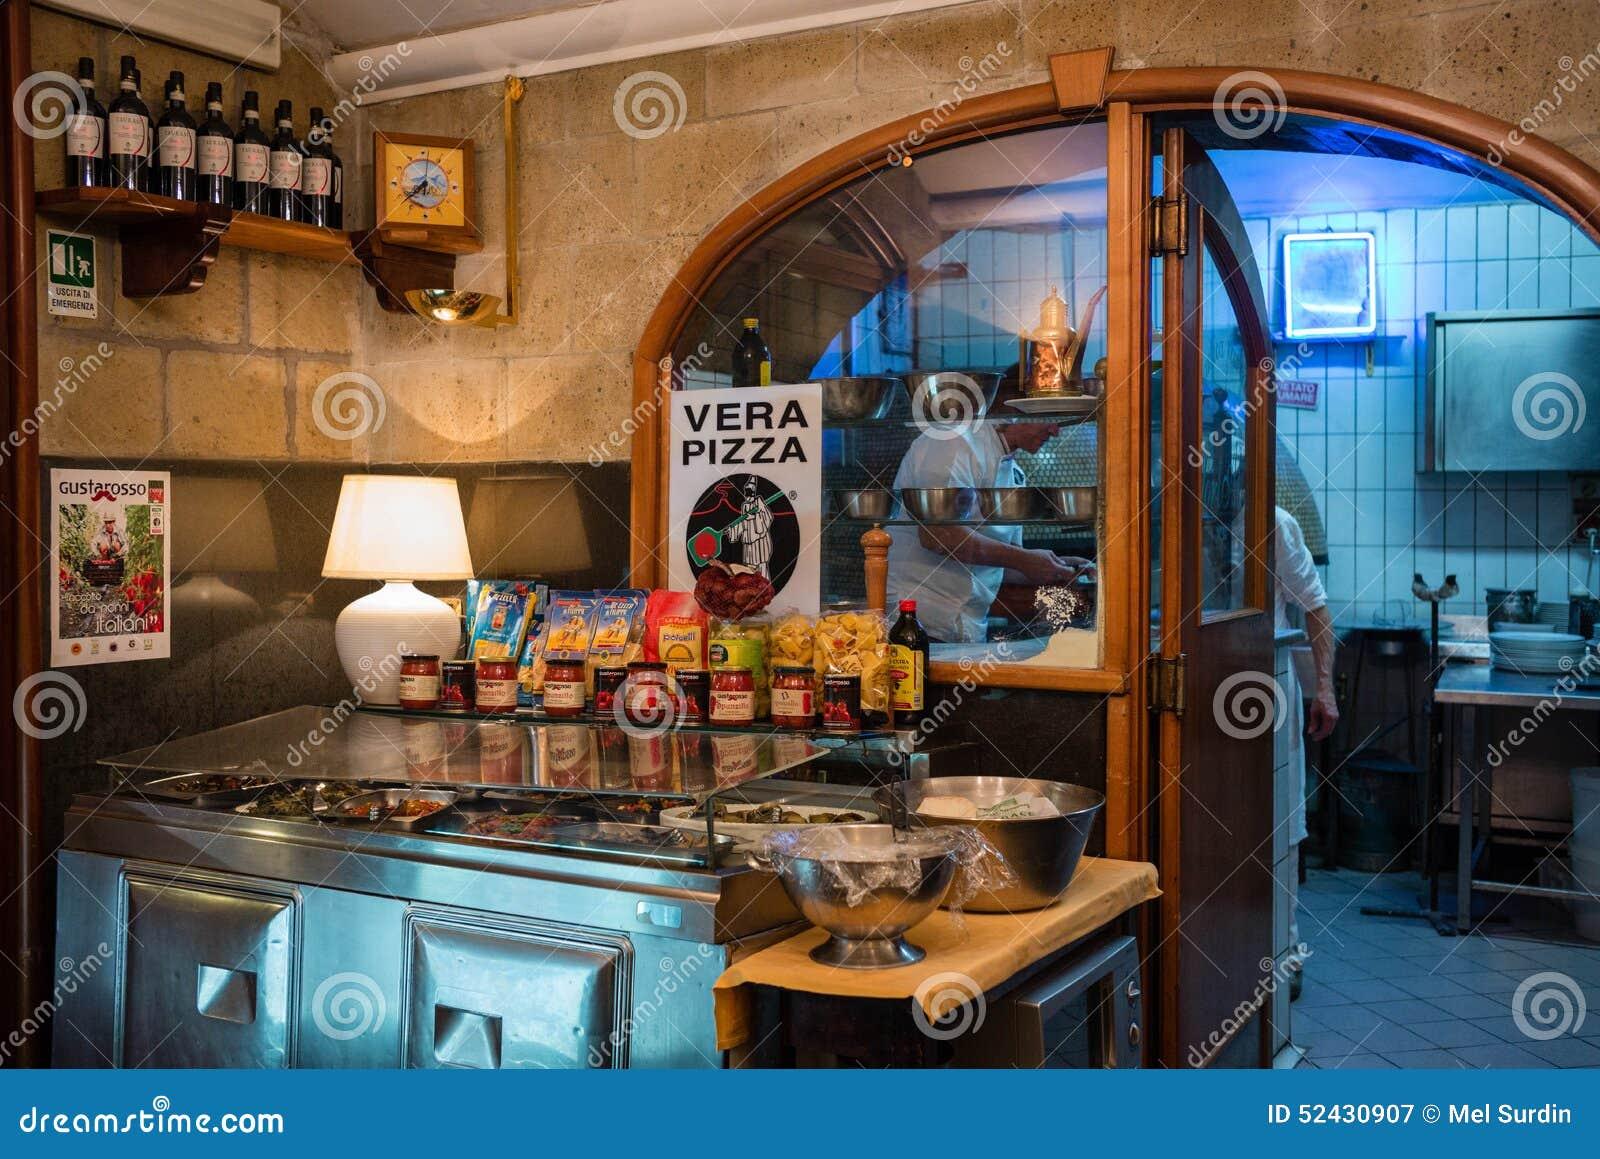 Condiments Interior Italy Naples